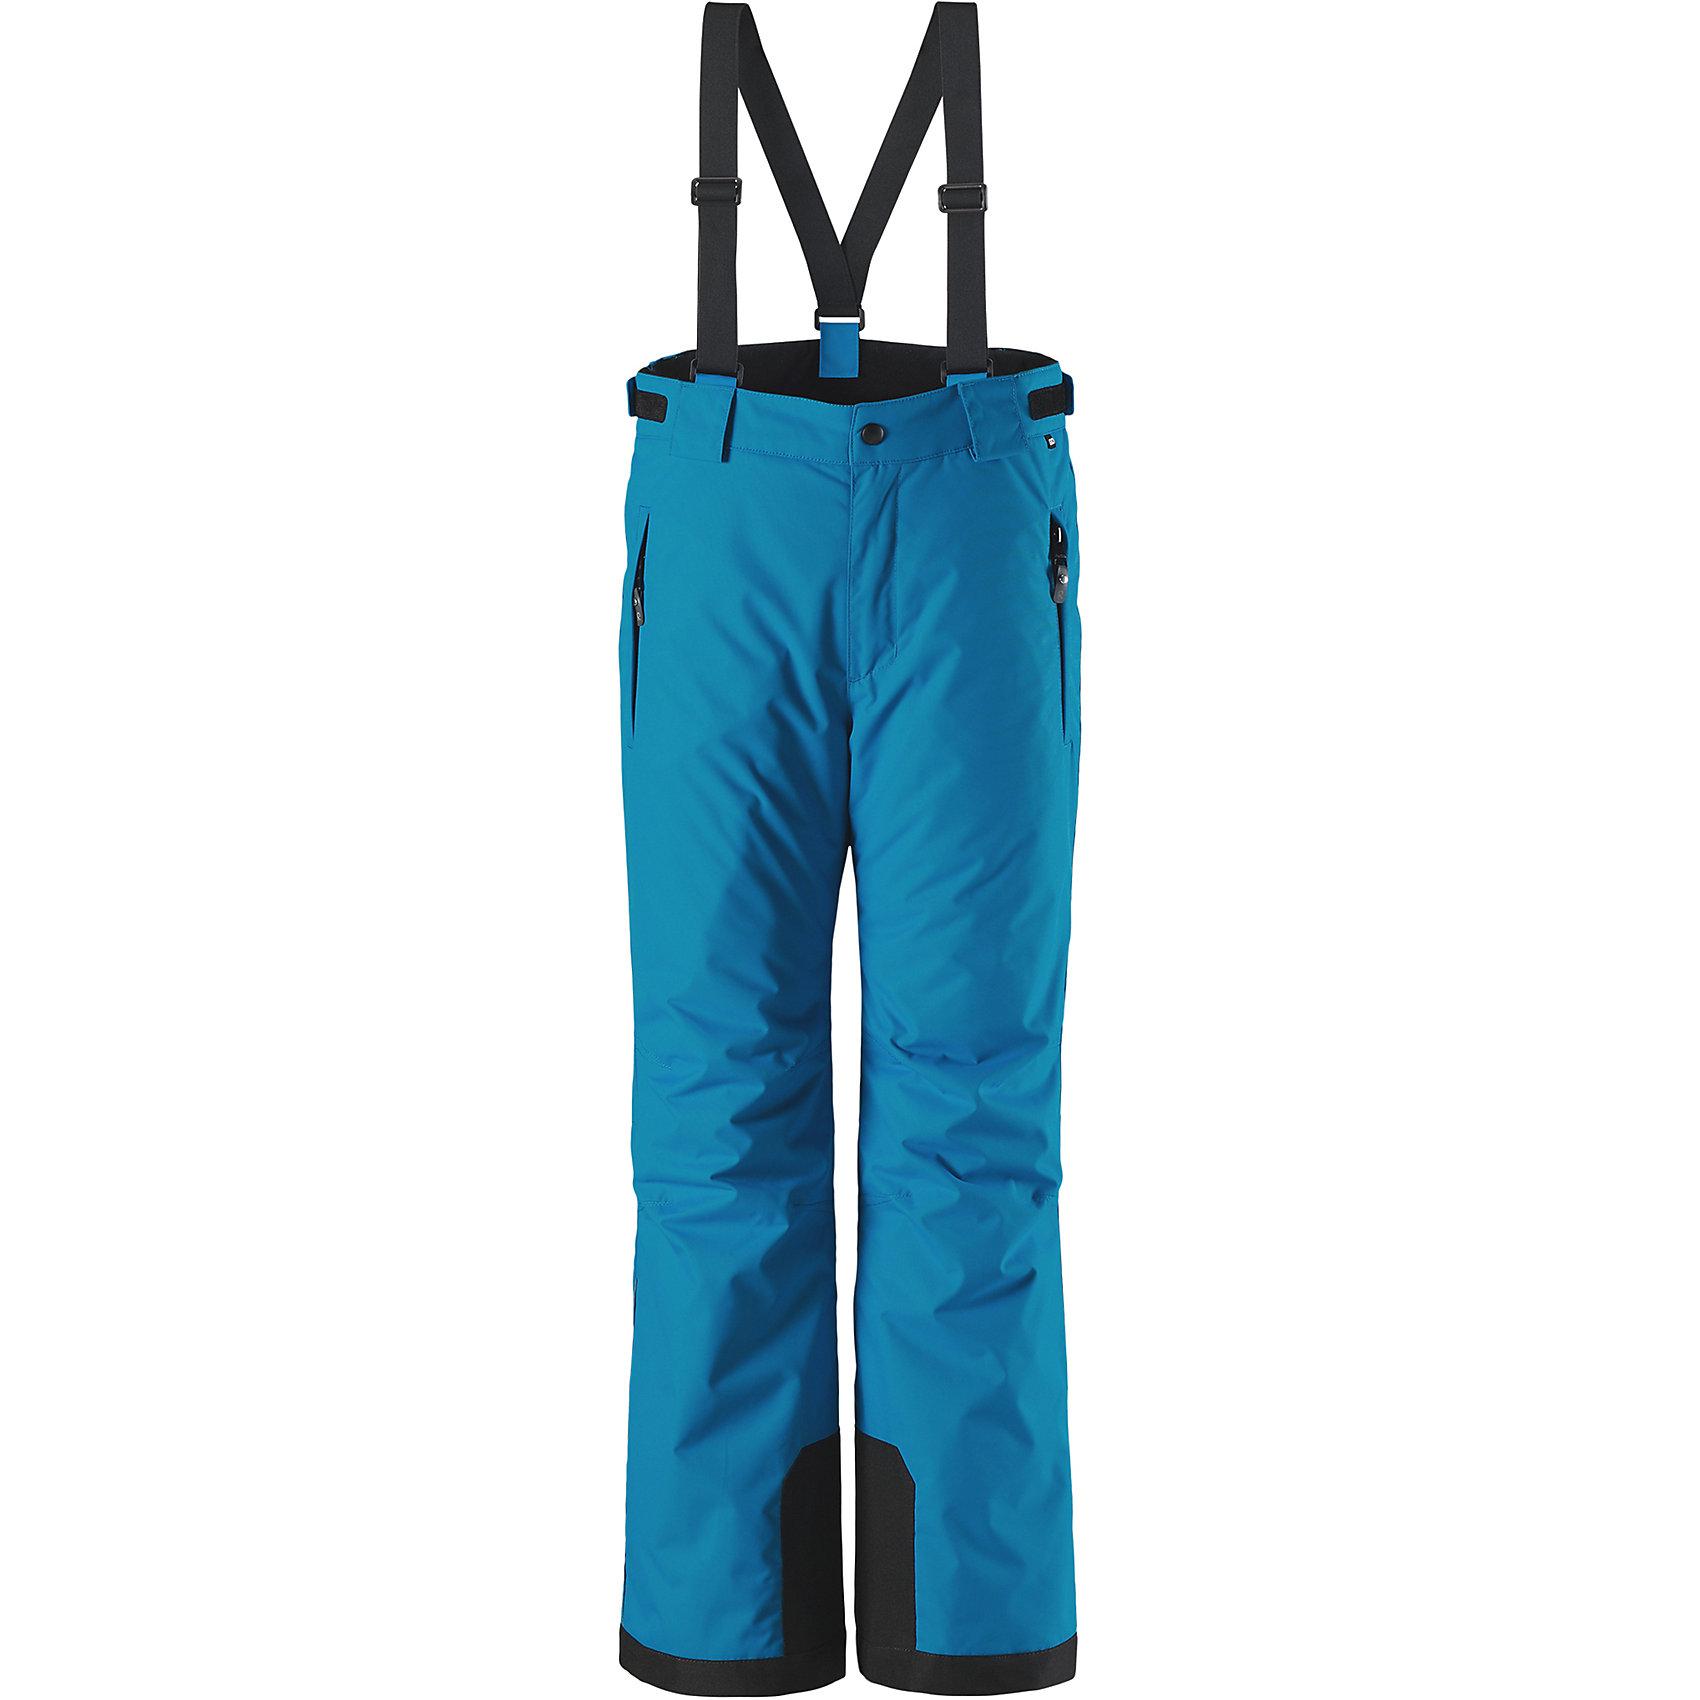 Брюки Reimatec® Reima TakeoffБрюки и полукомбинезоны<br>Характеристики товара:<br><br>• цвет: синий;<br>• 100% полиэстер, полиуретановое покрытие;<br>• утеплитель: 100% полиэстер 120 г/м2;<br>• сезон: зима;<br>• температурный режим: от 0 до -20С;<br>• водонепроницаемость: 12000 мм;<br>• воздухопроницаемость: 8000 мм;<br>• износостойкость: 30000 циклов (тест Мартиндейла)<br>• особенности: с подтяжками;<br>• водо- и ветронепроницаемый, дышащий и грязеотталкивающий материал;<br>• все швы проклеены и водонепроницаемы;<br>• гладкая подкладка из полиэстера;<br>• прочные усиленные вставки внизу брючин;<br>• регулируемый обхват талии;<br>• снегозащитные манжеты на штанинах;<br>• застежка: молния, пуговица;<br>• карманы на молнии;<br>• регулируемые съемные эластичные подтяжки;<br>• потайной карман для датчика ReimaGO®;<br>• светоотражающие элементы;<br>• страна бренда: Финляндия;<br>• страна производства: Китай.<br><br>Зимние брюки просто созданы для активных детей: они отталкивают влагу и грязь, а все швы в них проклеены и водонепроницаемы. Ветронепроницаемый и в то же время дышащий материал обеспечивает комфорт во время увлекательных прогулок – ребенку будет тепло, но он не вспотеет. <br><br>Очень удобные съемные и регулируемые подтяжки будут надежно поддерживать брюки во время всех активных приключений. Прочные усиления на концах брючин защищают лодыжки. Благодаря защите от снега, никакой снег и мороз не проберутся внутрь, так что брюки идеально подойдут для сноубординга и горных лыж. <br><br>Регулируемая талия обеспечит отличную посадку по фигуре. Эта модель с прямым, слегка свободным покроем снабжена потайным карманом для сенсора ReimaGO. <br><br>Брюки Takeoff Reimatec® Reima (Рейма) можно купить в нашем интернет-магазине.<br><br>Ширина мм: 215<br>Глубина мм: 88<br>Высота мм: 191<br>Вес г: 336<br>Цвет: синий<br>Возраст от месяцев: 156<br>Возраст до месяцев: 168<br>Пол: Унисекс<br>Возраст: Детский<br>Размер: 164,104,110,116,122,140,146,152,158,128,134<br>SKU: 6904382